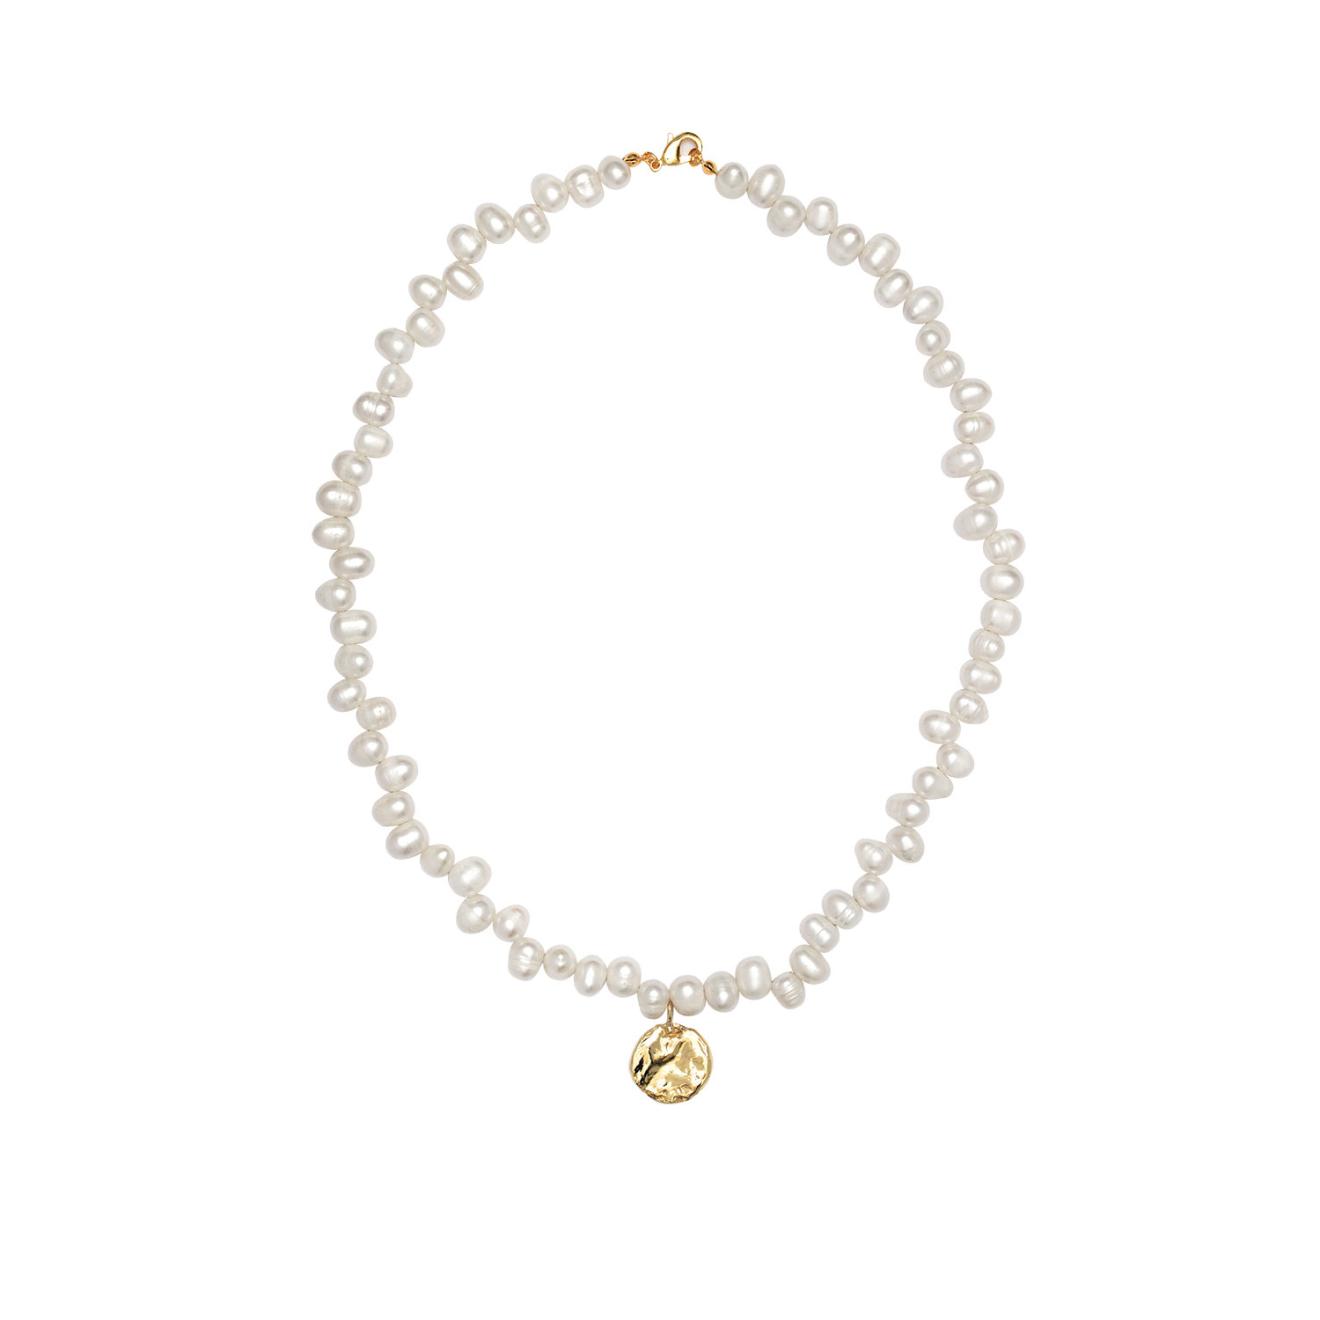 Фото - Ringstone Позолоченное жемчужное ожерелье из серебра с медальоном ringstone жемчужное ожерелье с буквой s ringstone